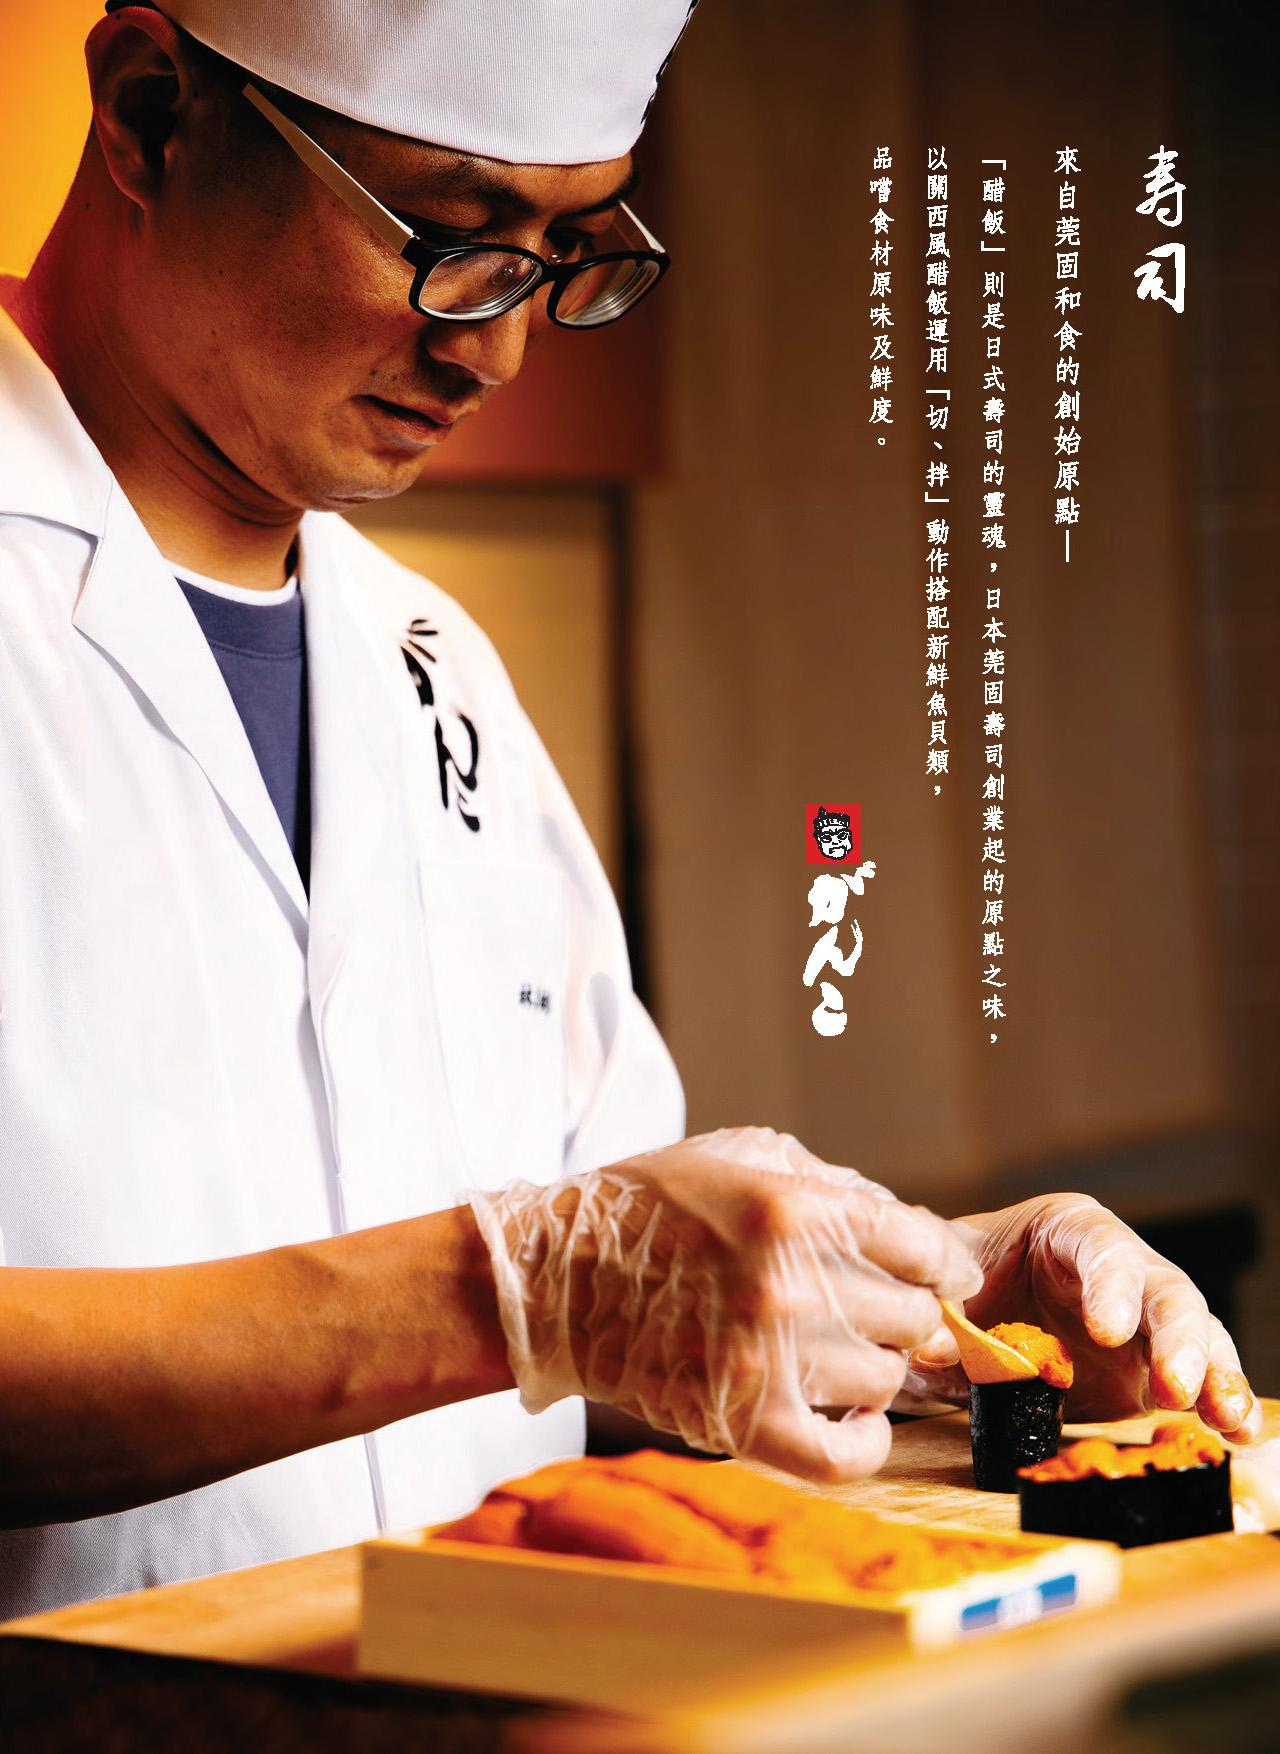 莞固和食 GANKO 台北大直店菜單 - 壽司